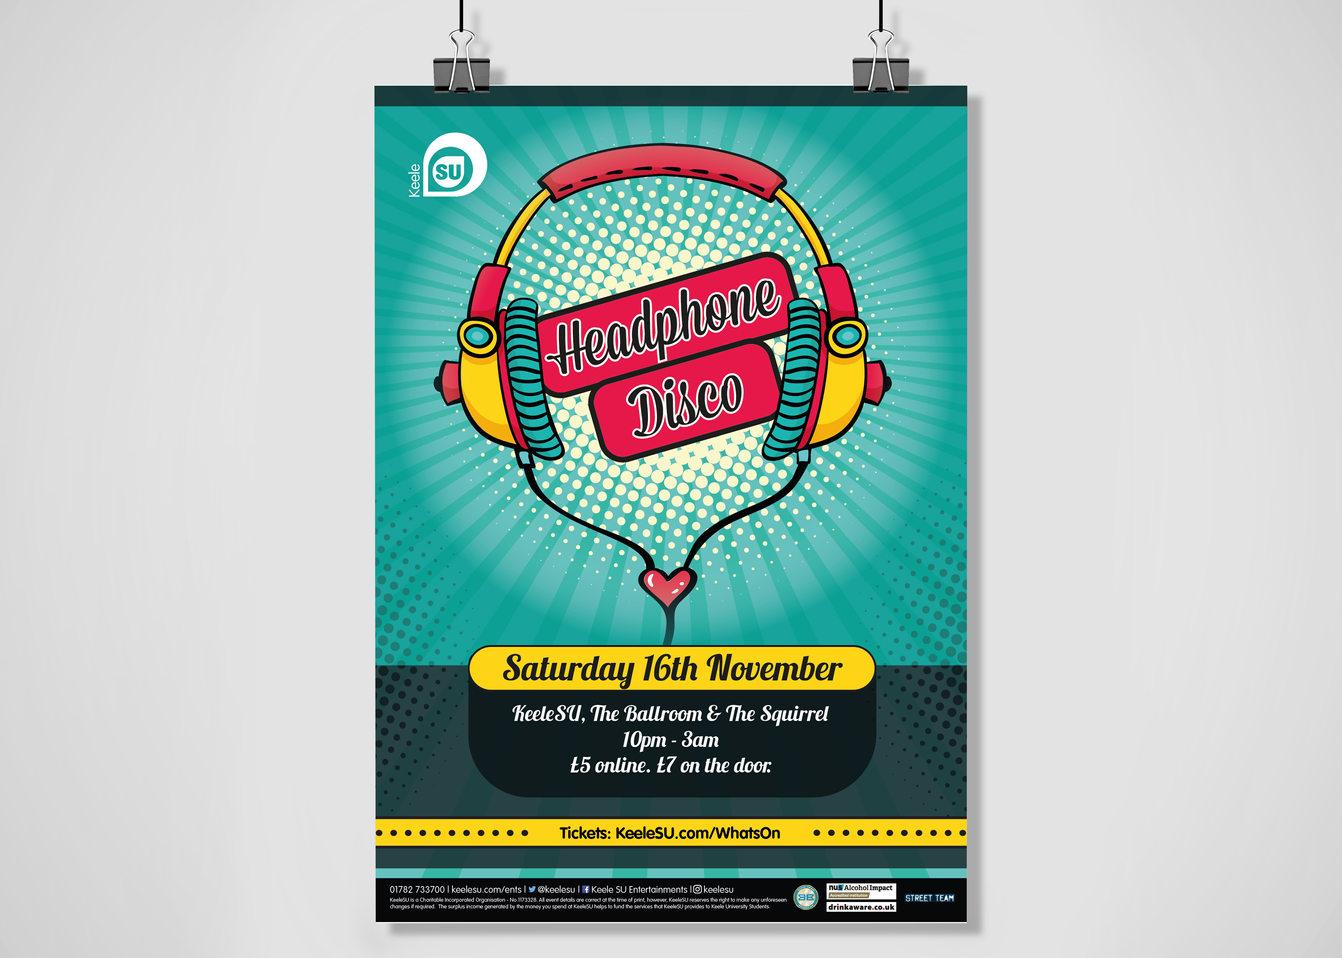 Headphone Disco Poster